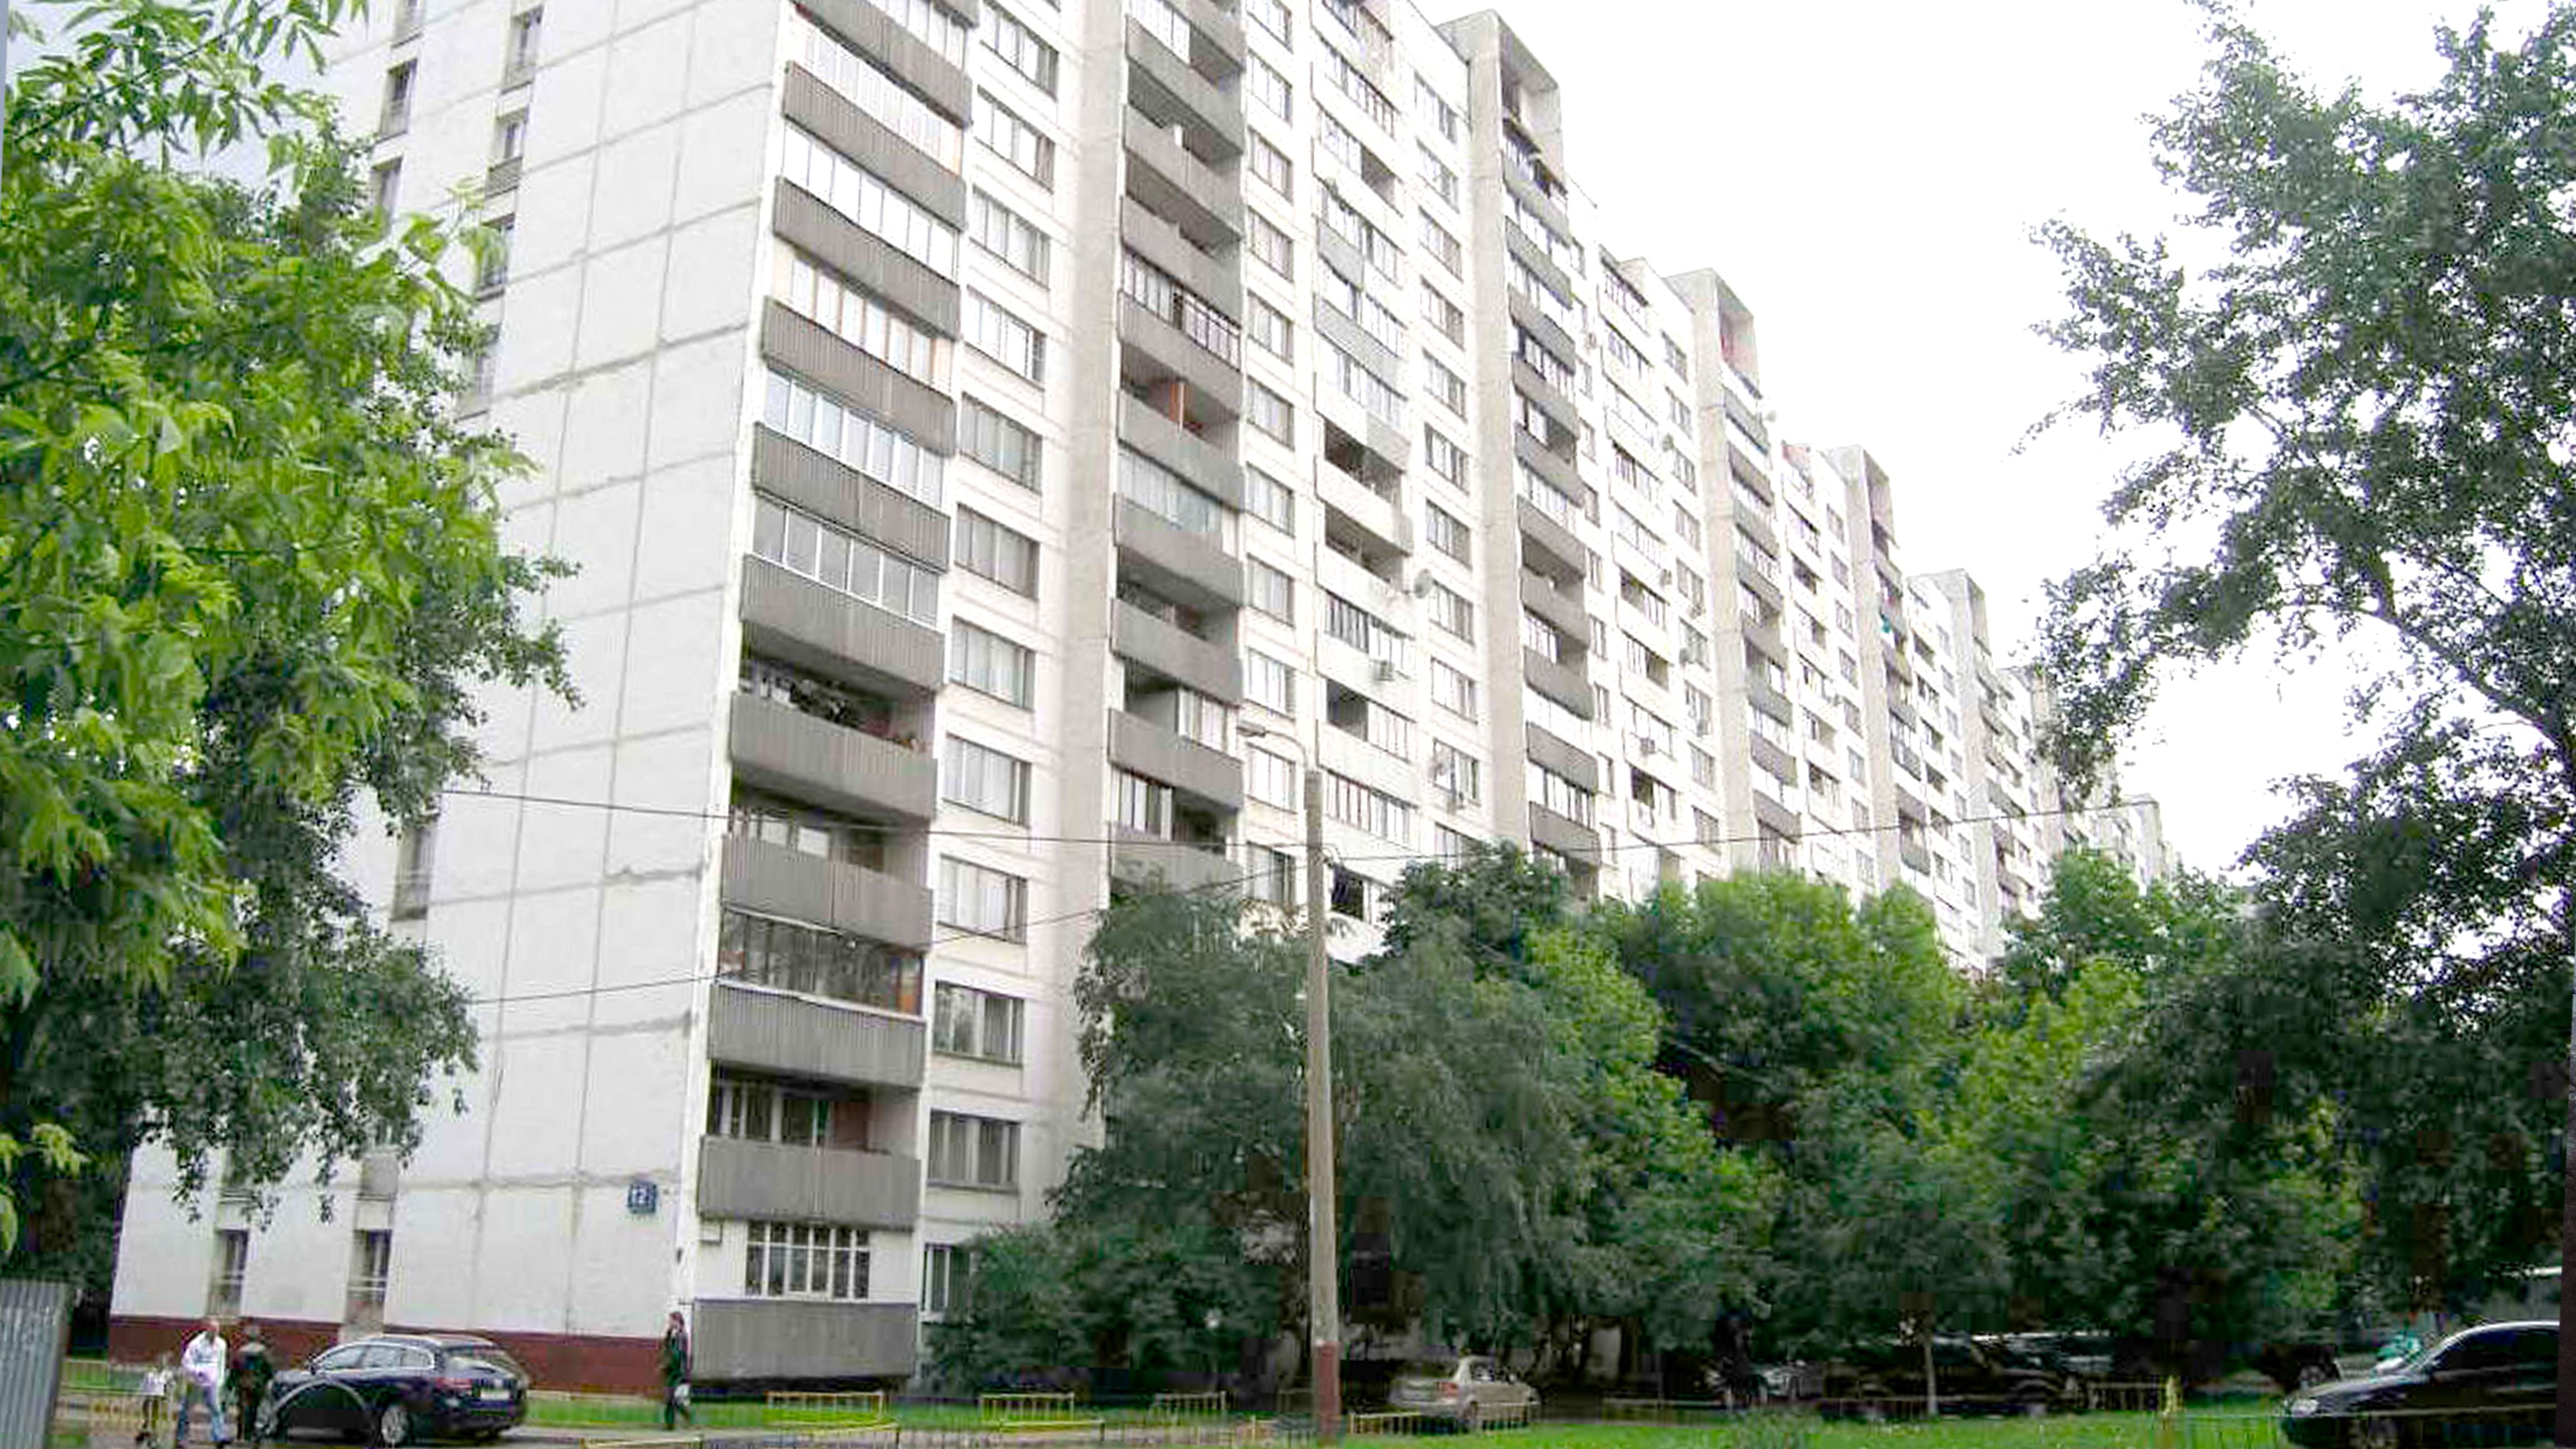 Лоджия и балконы в доме серии И-491А, остекление деревянными окнами. Инвуд. Москва